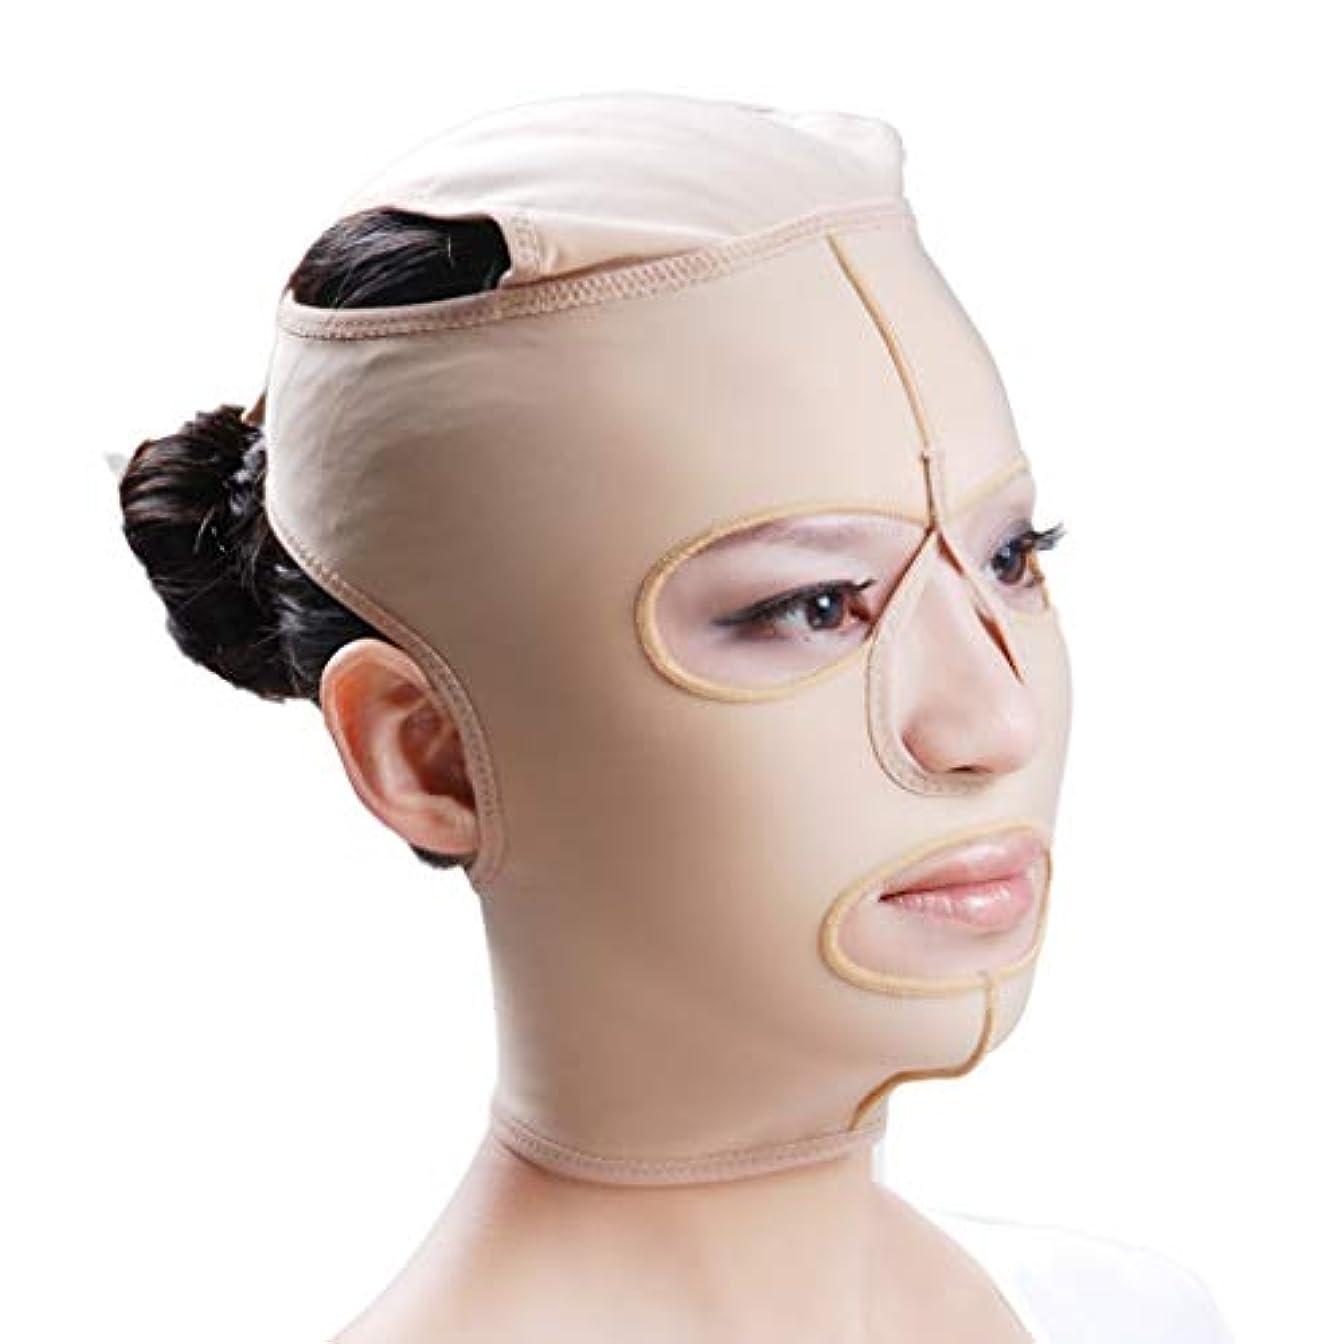 現像アイドルスポーツXHLMRMJ フェイスリフトマスク、フルフェイスマスク医療グレード圧力フェイスダブルチンプラスチック脂肪吸引術弾性包帯ヘッドギア後の顔の脂肪吸引術 (Size : M)